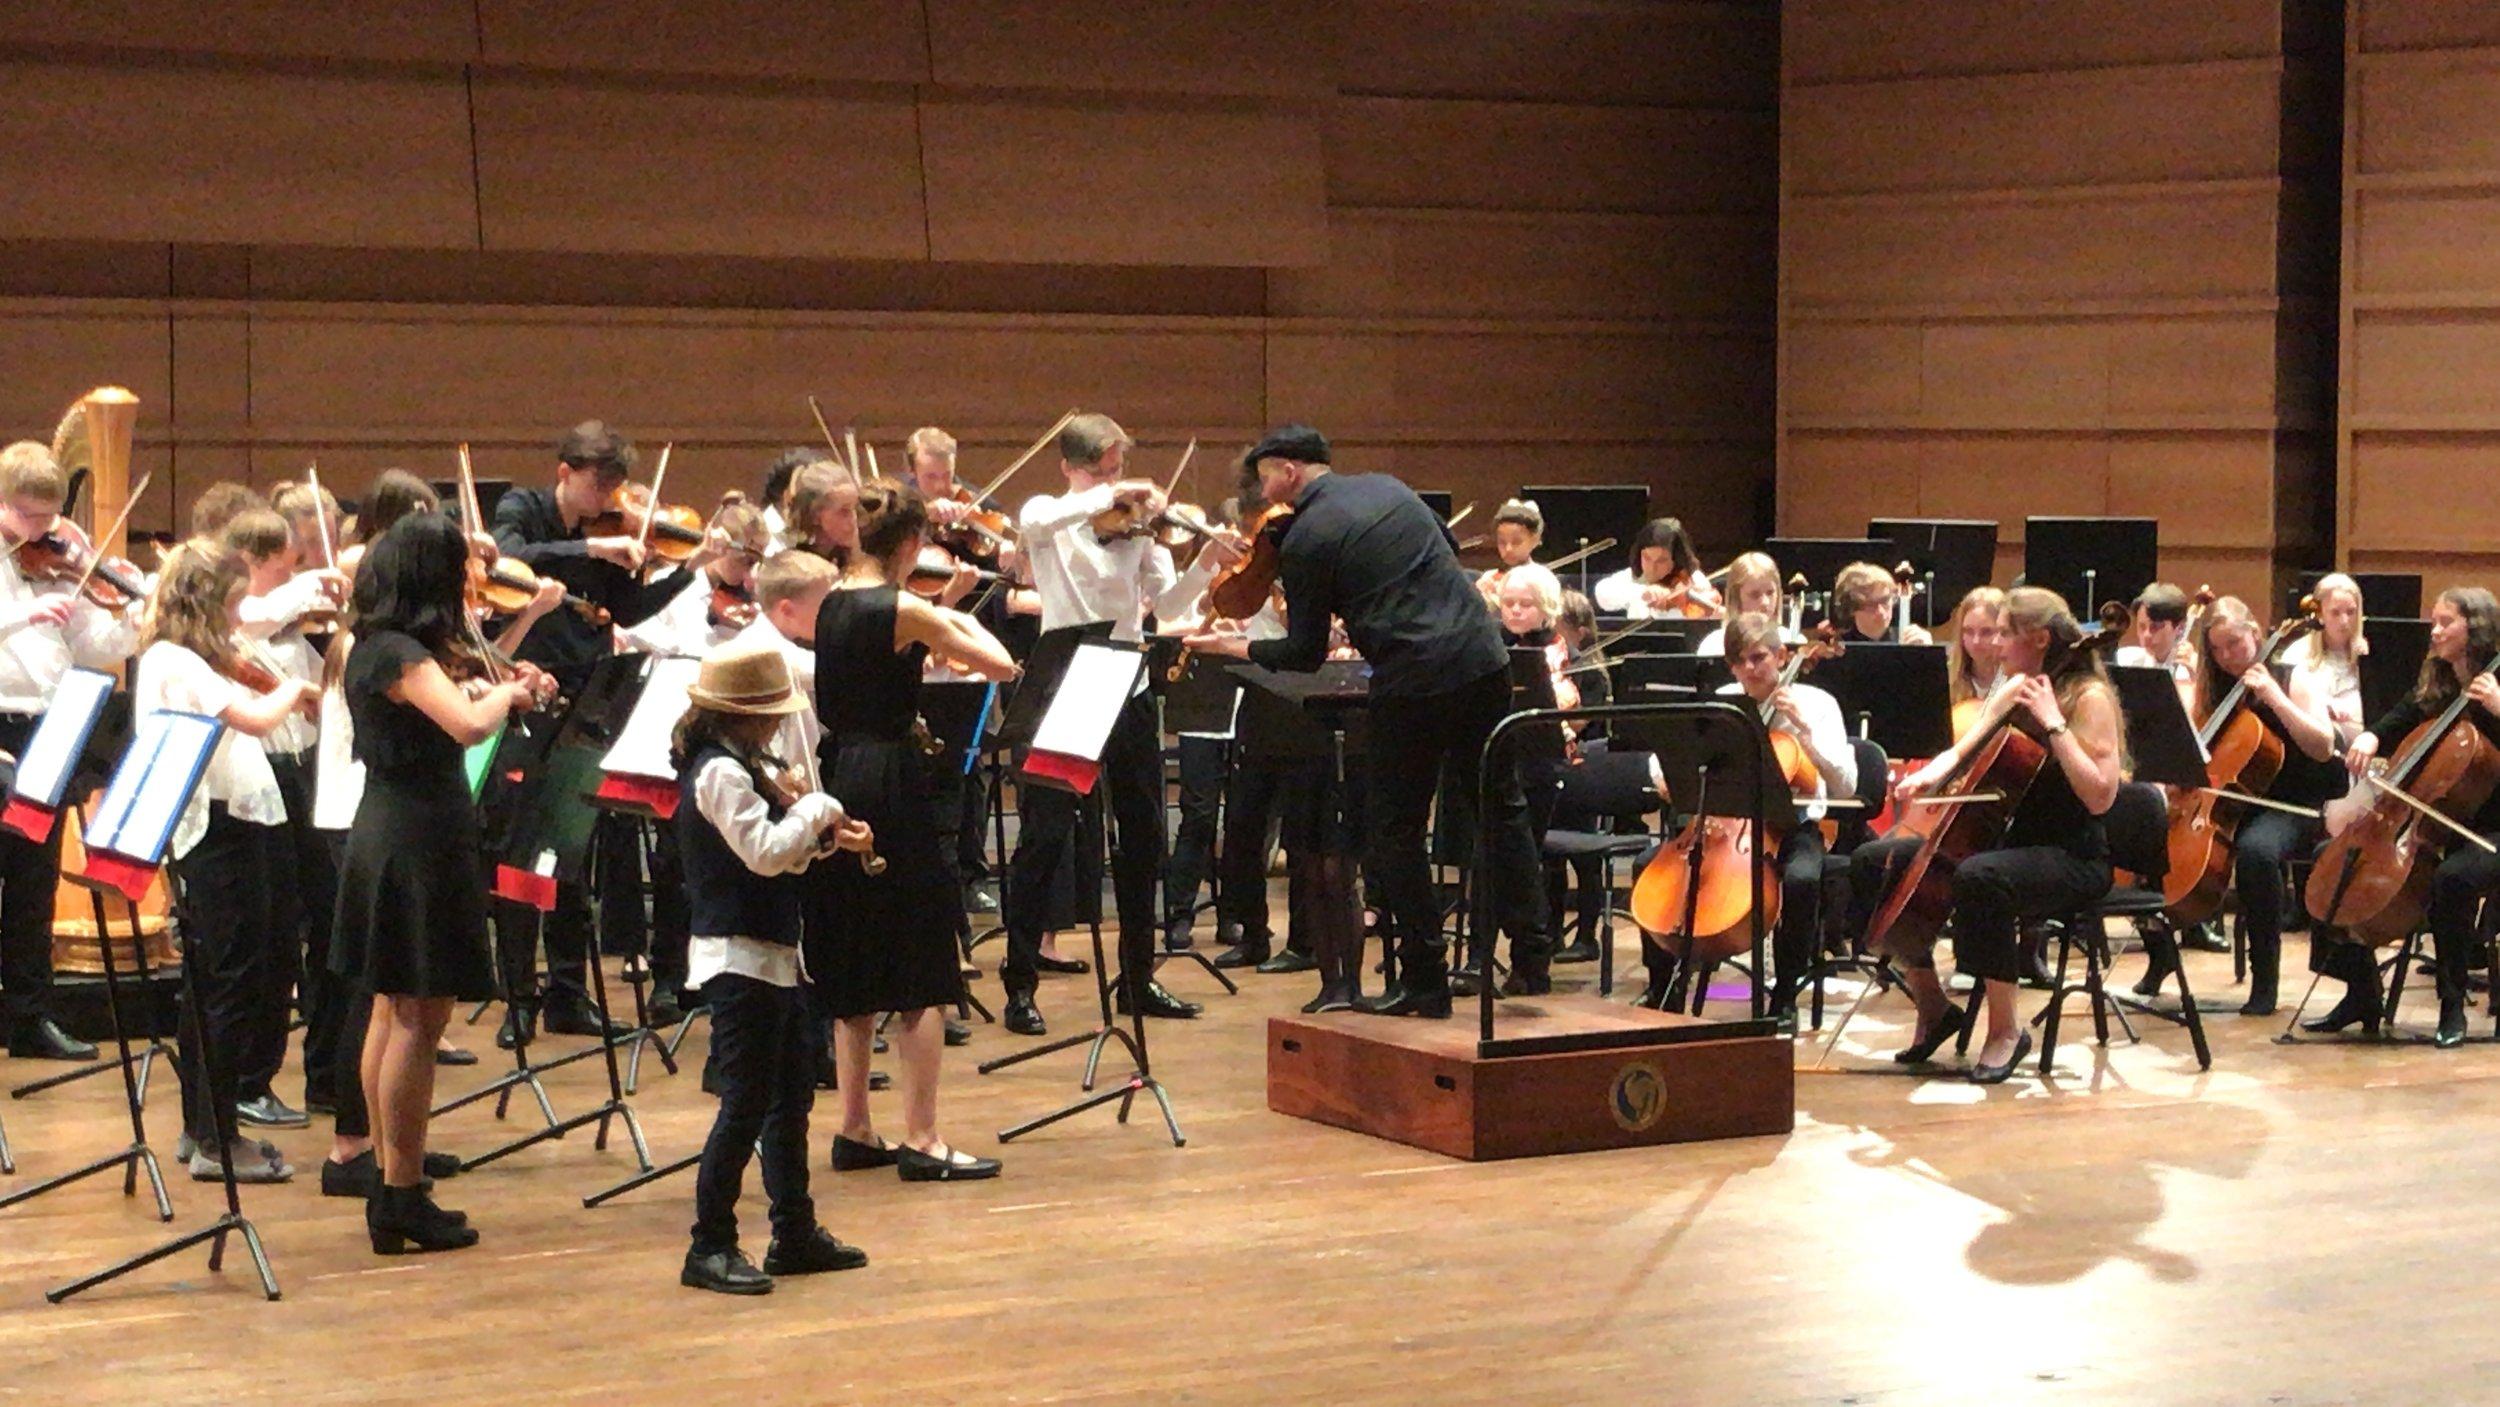 Medlemmer av NOR59 spiller i Grieghallen under den Europeiske orkesterfestivalen. Foto: Virgil Cameron